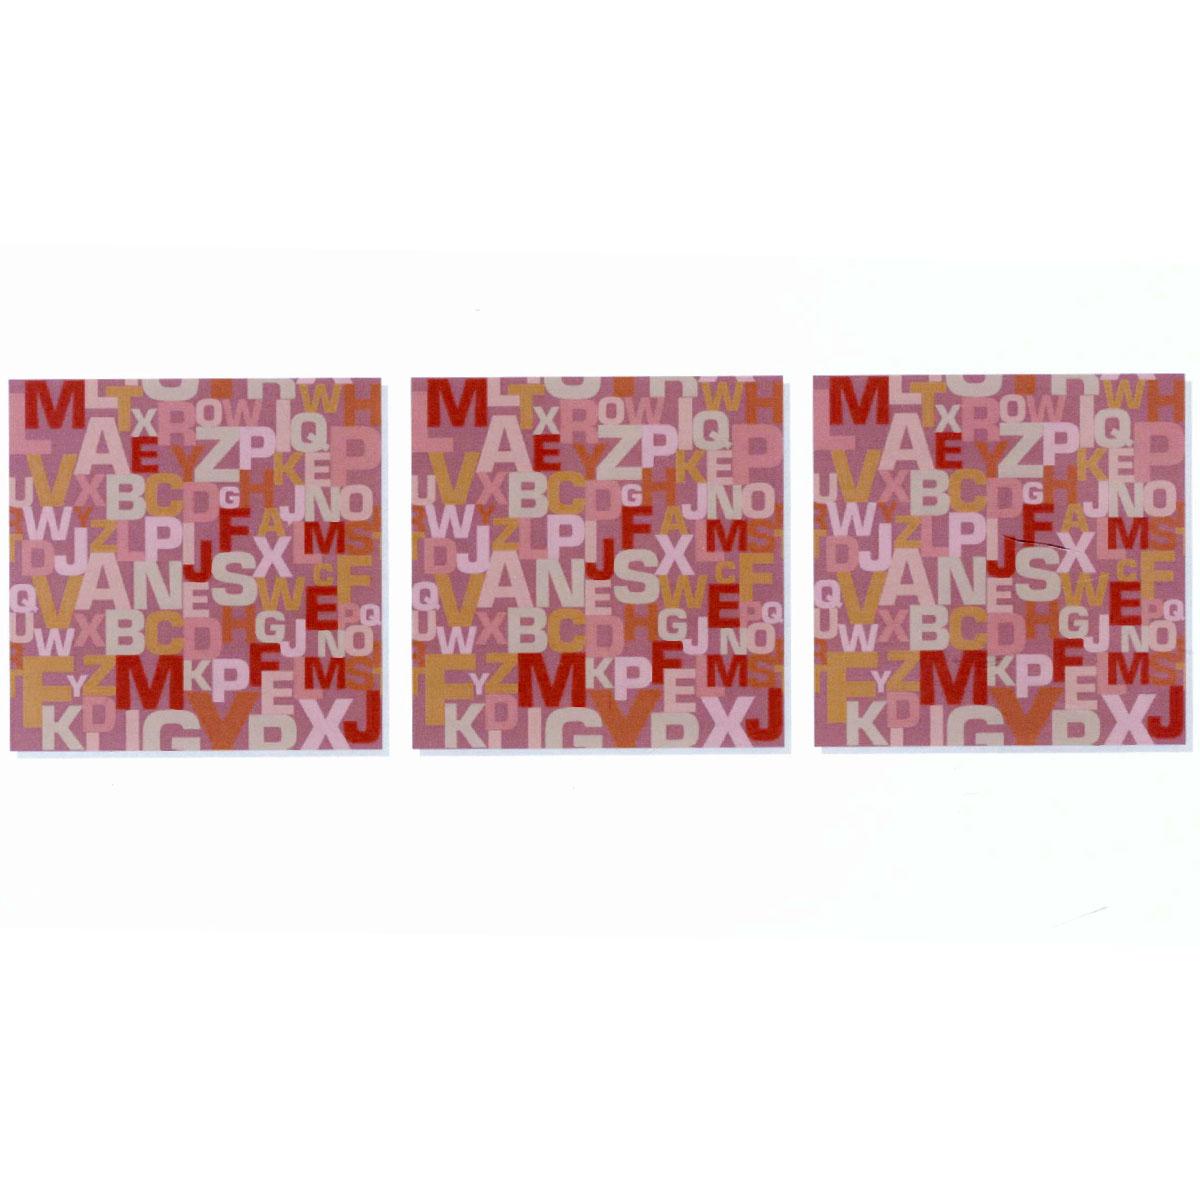 Модульная картина на холсте КвикДекор Буквы, 156 см х 50 см12723Модульная картина на холсте КвикДекор Буквы - это прекрасное решение для декора помещения. Картина состоит из трех частей (модулей), объединенных общей тематикой. Картина составная, то есть изображение на каждом модуле является самостоятельным. Такую композицию можно вешать как угодно - вертикально, горизонтально, со сдвигом или блоками. Модули вешаются на расстоянии 2-3 см друг от друга.Латексная печать (без запаха) на натуральном х/б холсте, галерейная натяжка на деревянные подрамники из высококачественной сосны. Такая картина будет потрясающе смотреться везде, где бы вы ее не повесили: в гостиной, спальне, офисе, в загородном доме, также подойдет для детской. Она оригинально украсит интерьер и сделает обстановку комфортной и уютной. Картина в стрейч-пленке с защитными картонными уголками упакована в гофрокоробку с термоусадкой. Размер модуля: 50 см х 50 см. Количество модулей: 3 шт. Общий размер картины: 156 см х 50 см. Художник: Ольга Парфенова.